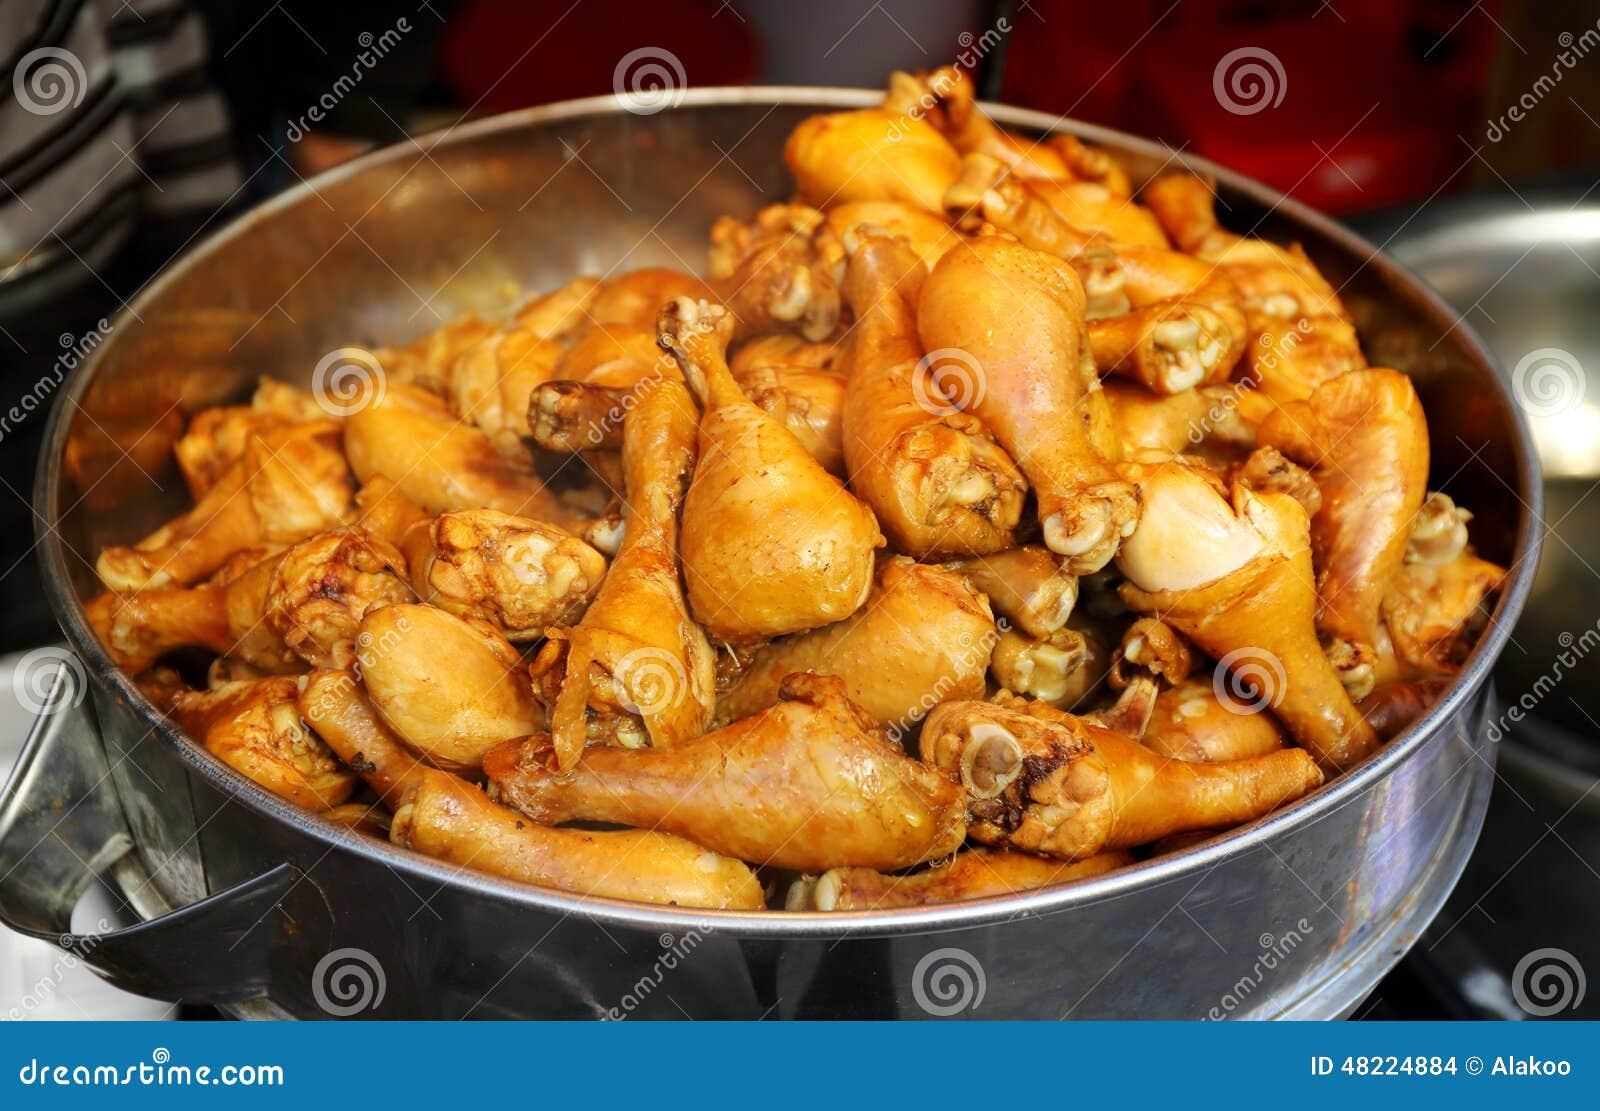 photo stock crabe pic frit cuisine chinoise asiatique exotique nourriture dlicieuse typique image - Cuisine Asiatique Chinois